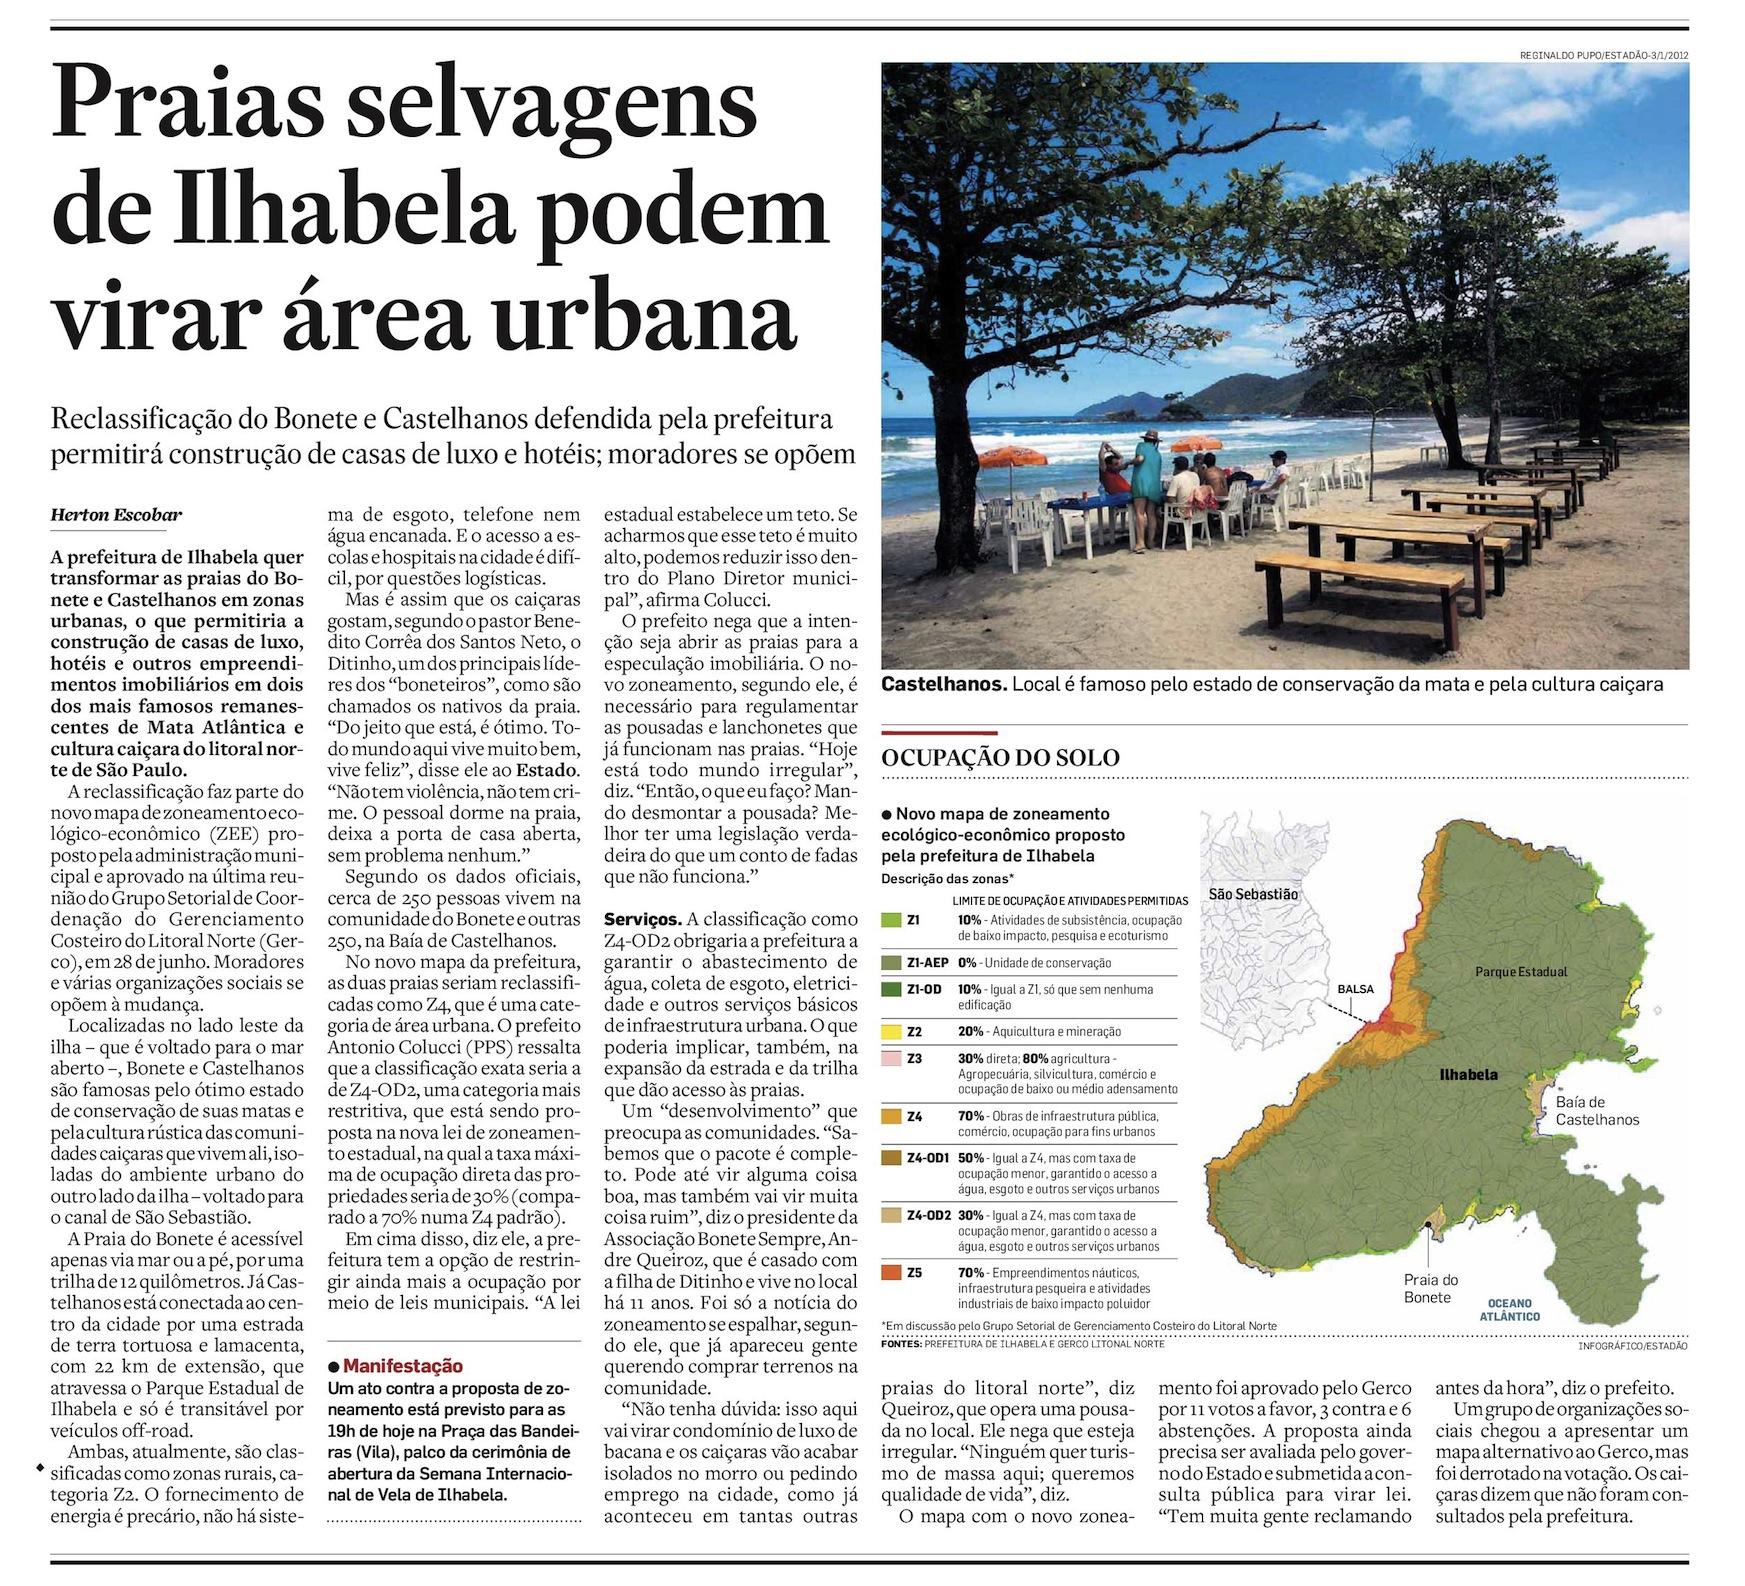 Praias selvagens de Ilhabela podem virar área urbana